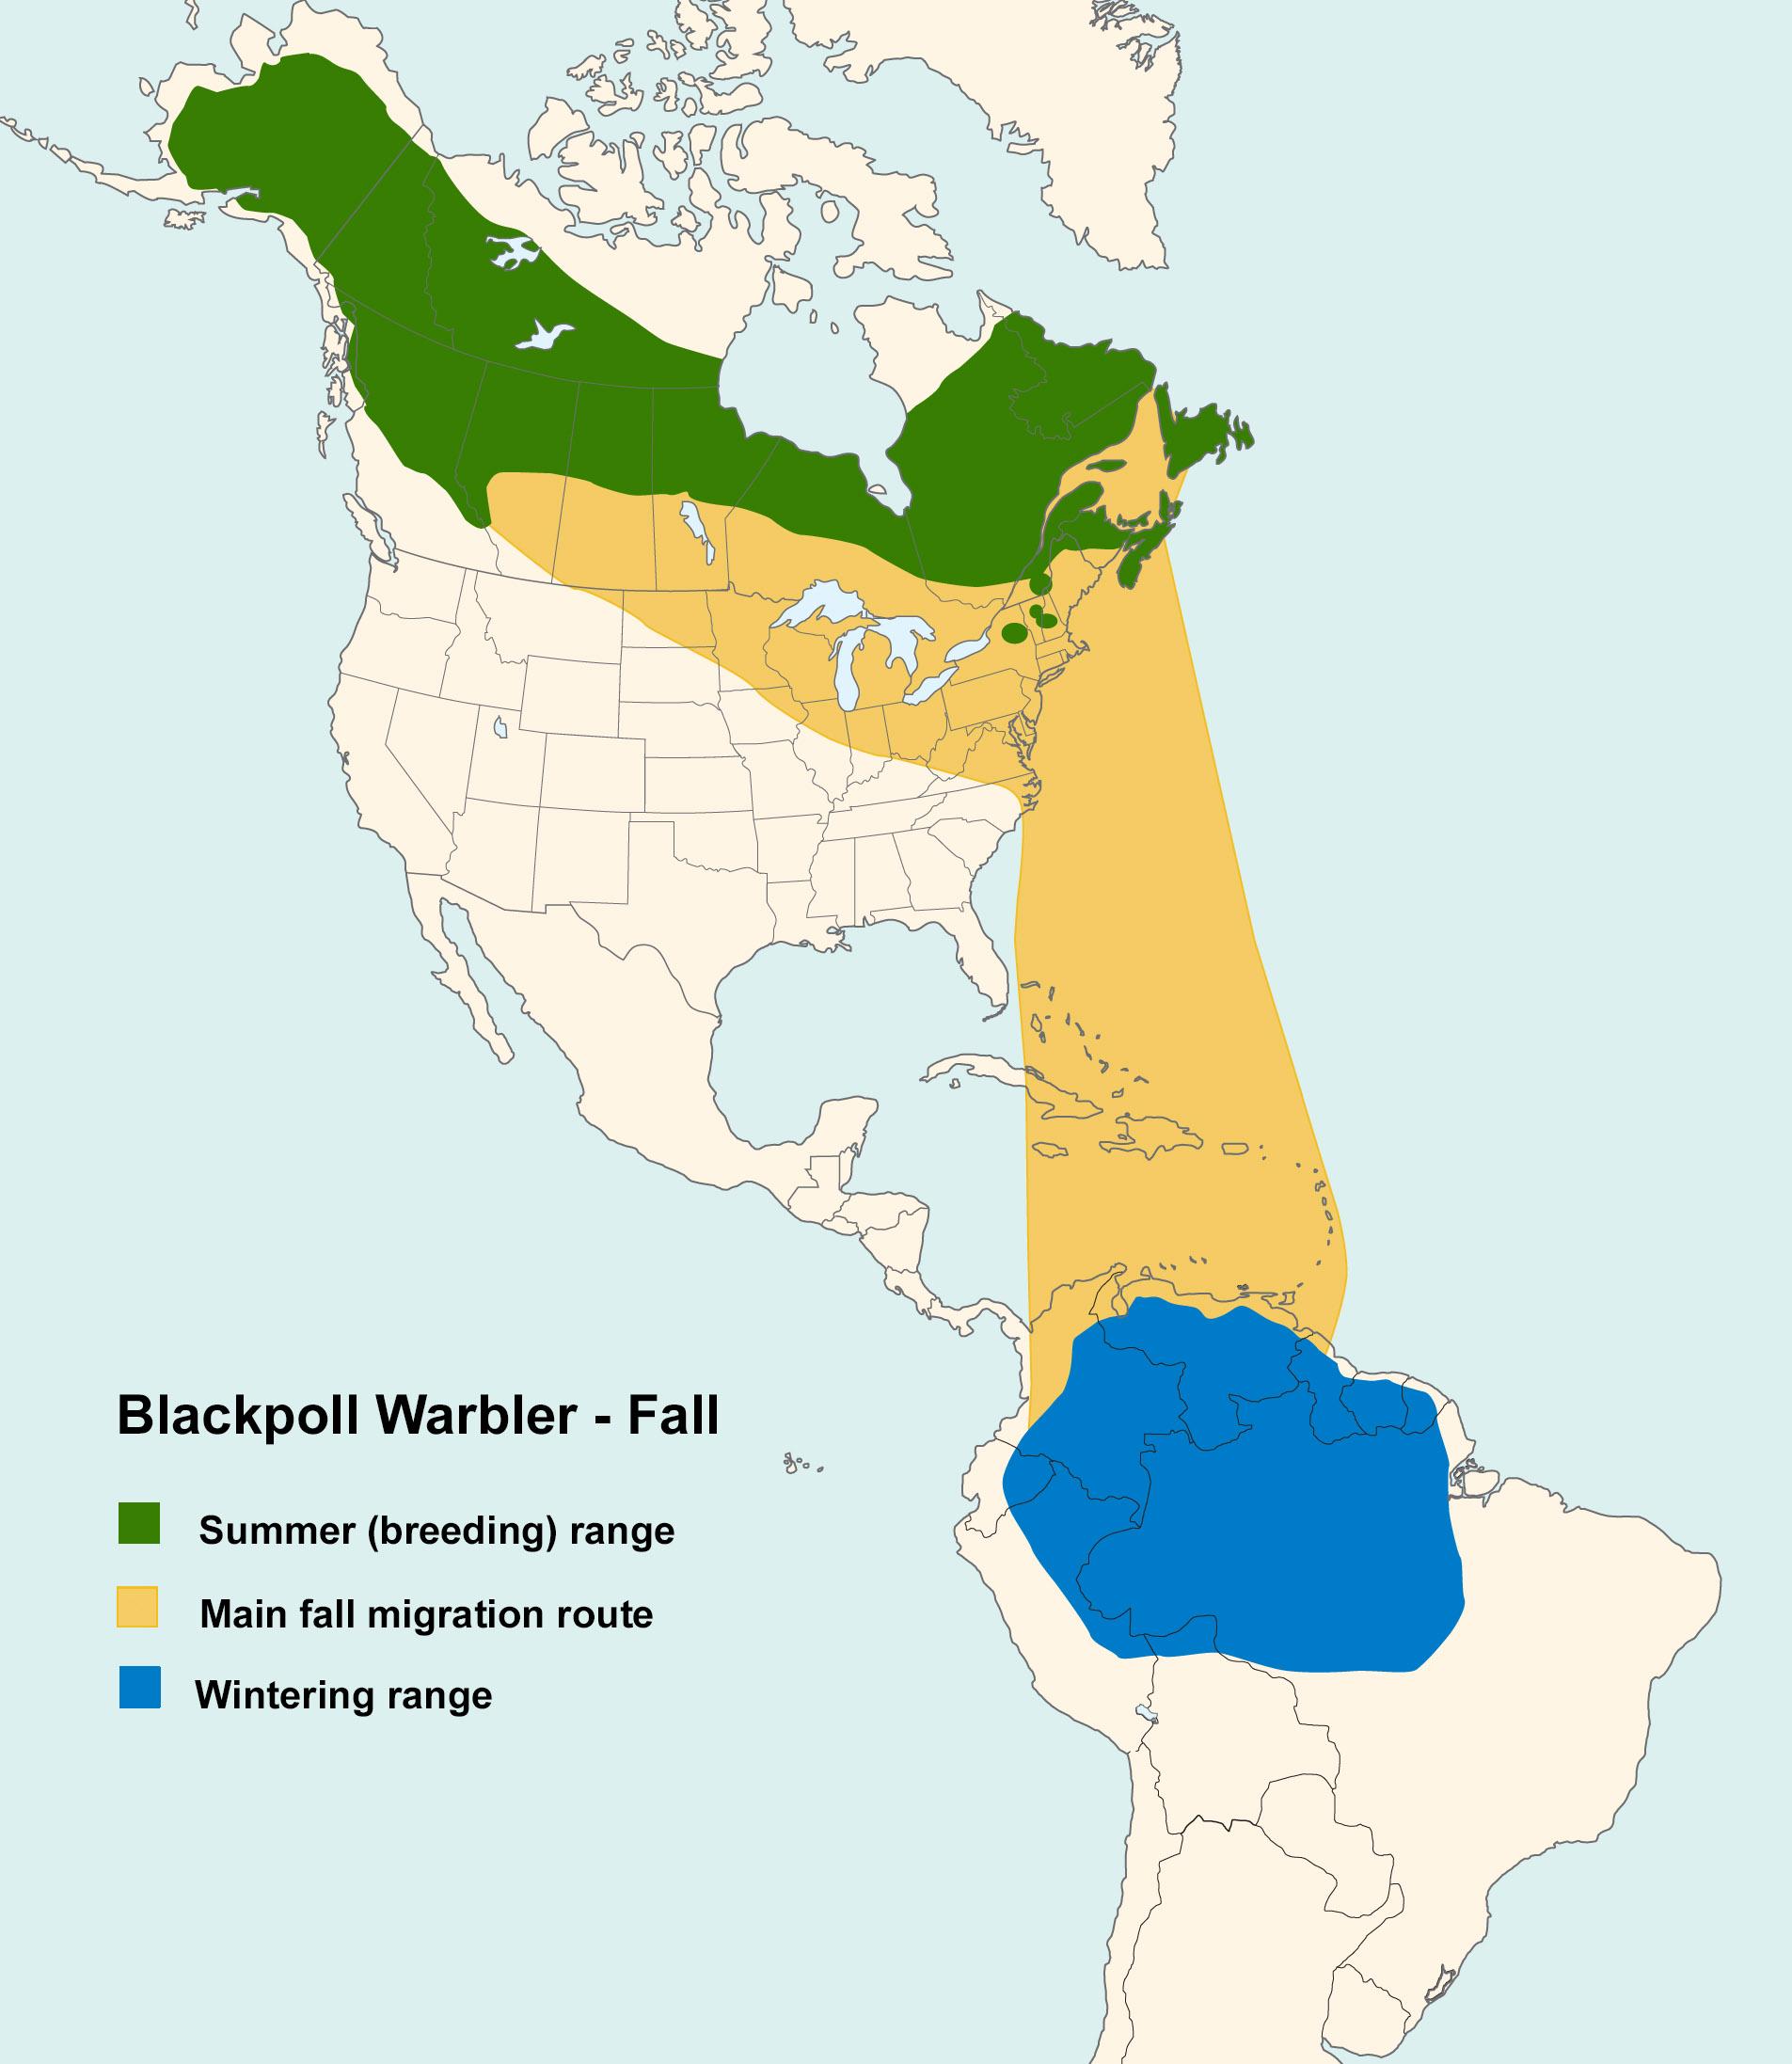 Mapa ilustrado que muestra los patrones de migración de la reinita negra en otoño.